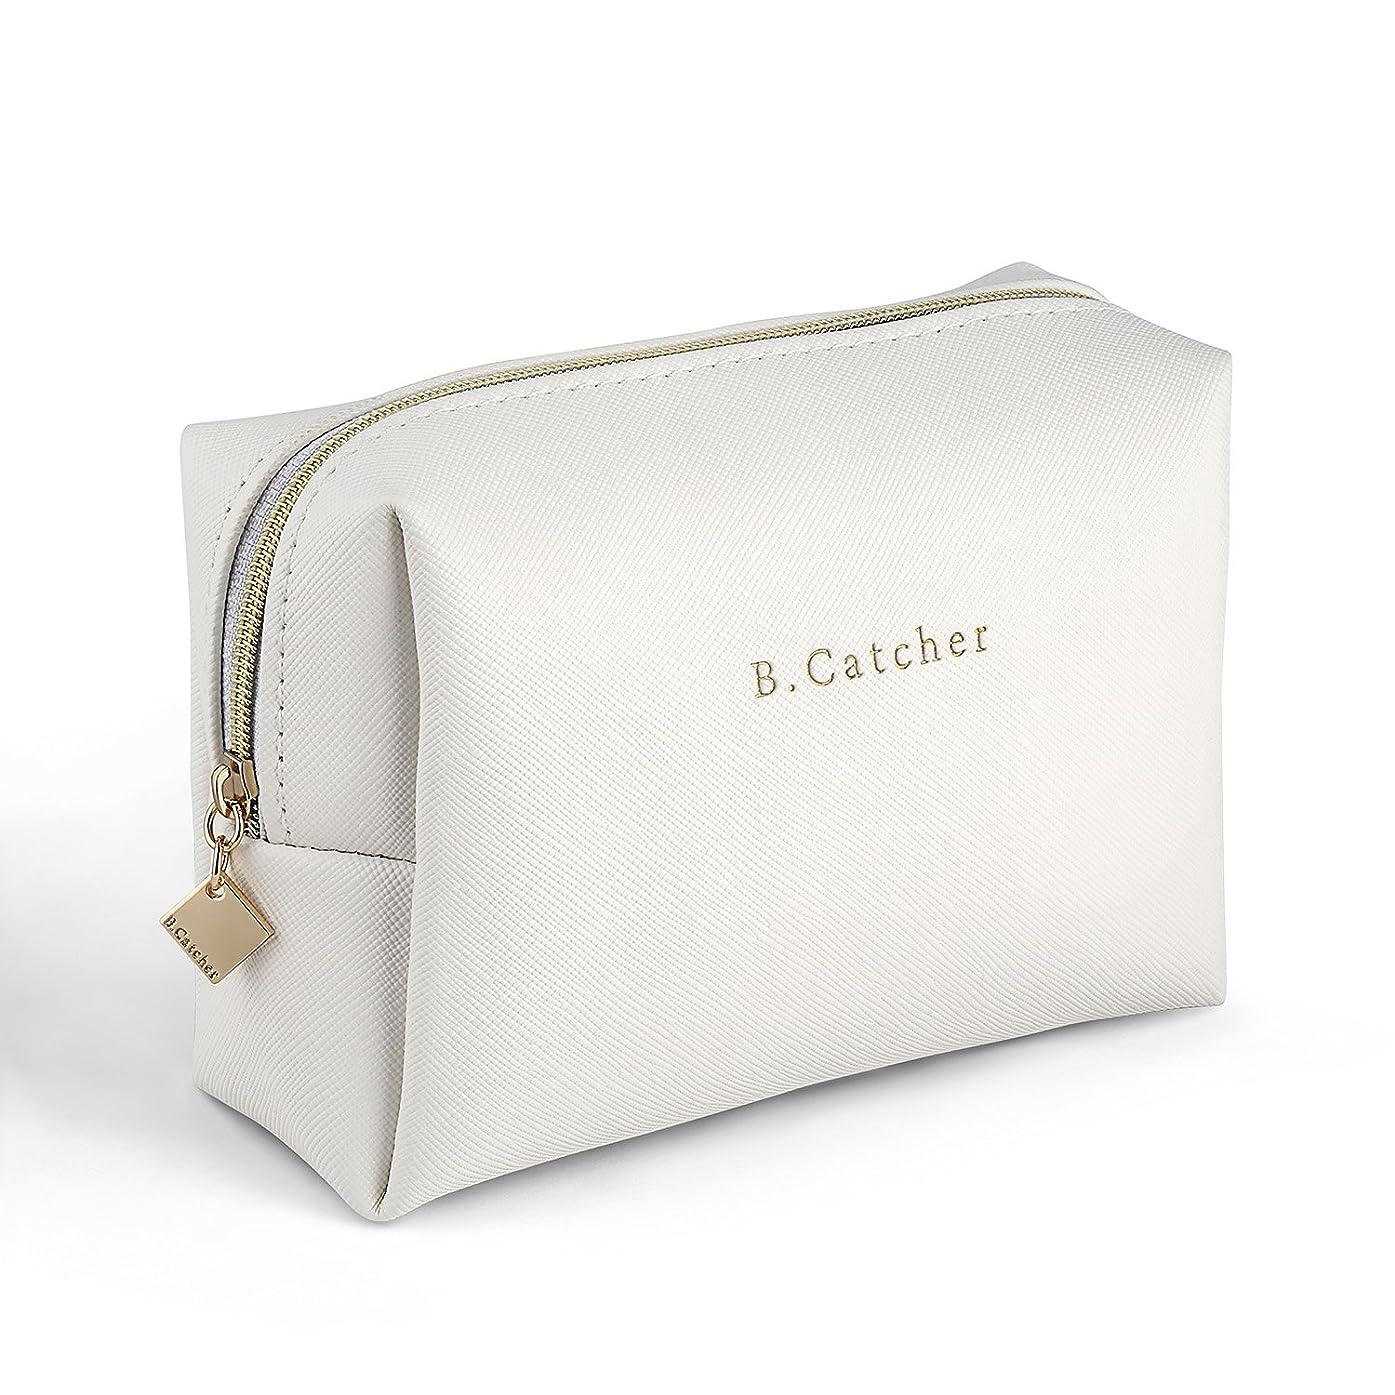 グリーンランド健全原点B.Catcher白いキャンバス化粧ポーチ メイクバッグ ミニシンプルな化粧品袋 ポータブルリップスティック収納袋 携帯用 収納用 便利 旅行用